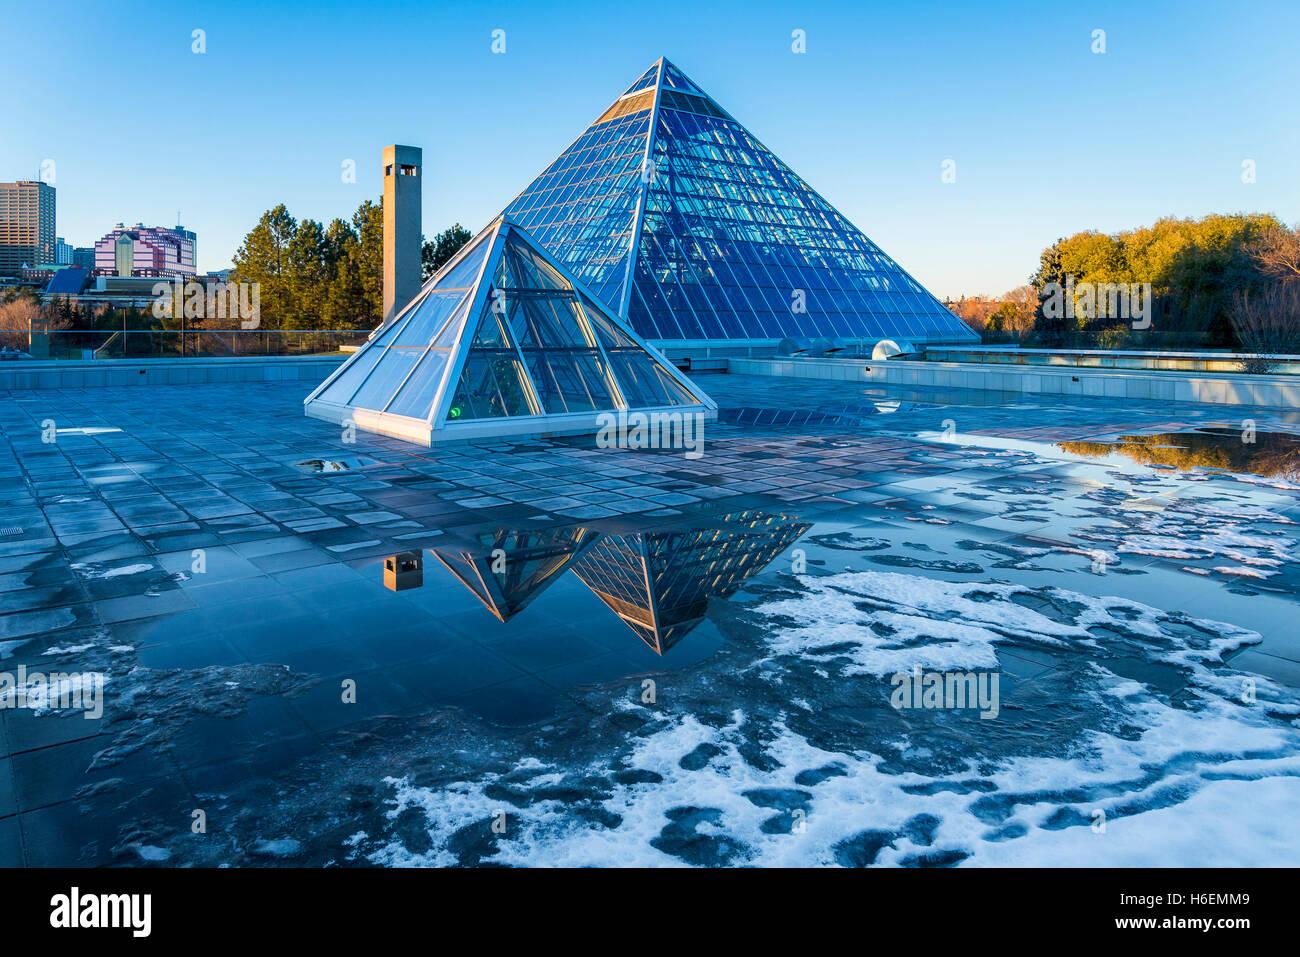 Conservatorio Muttart piramidi, un giardino botanico in Edmonton, Alberta, Canada Immagini Stock